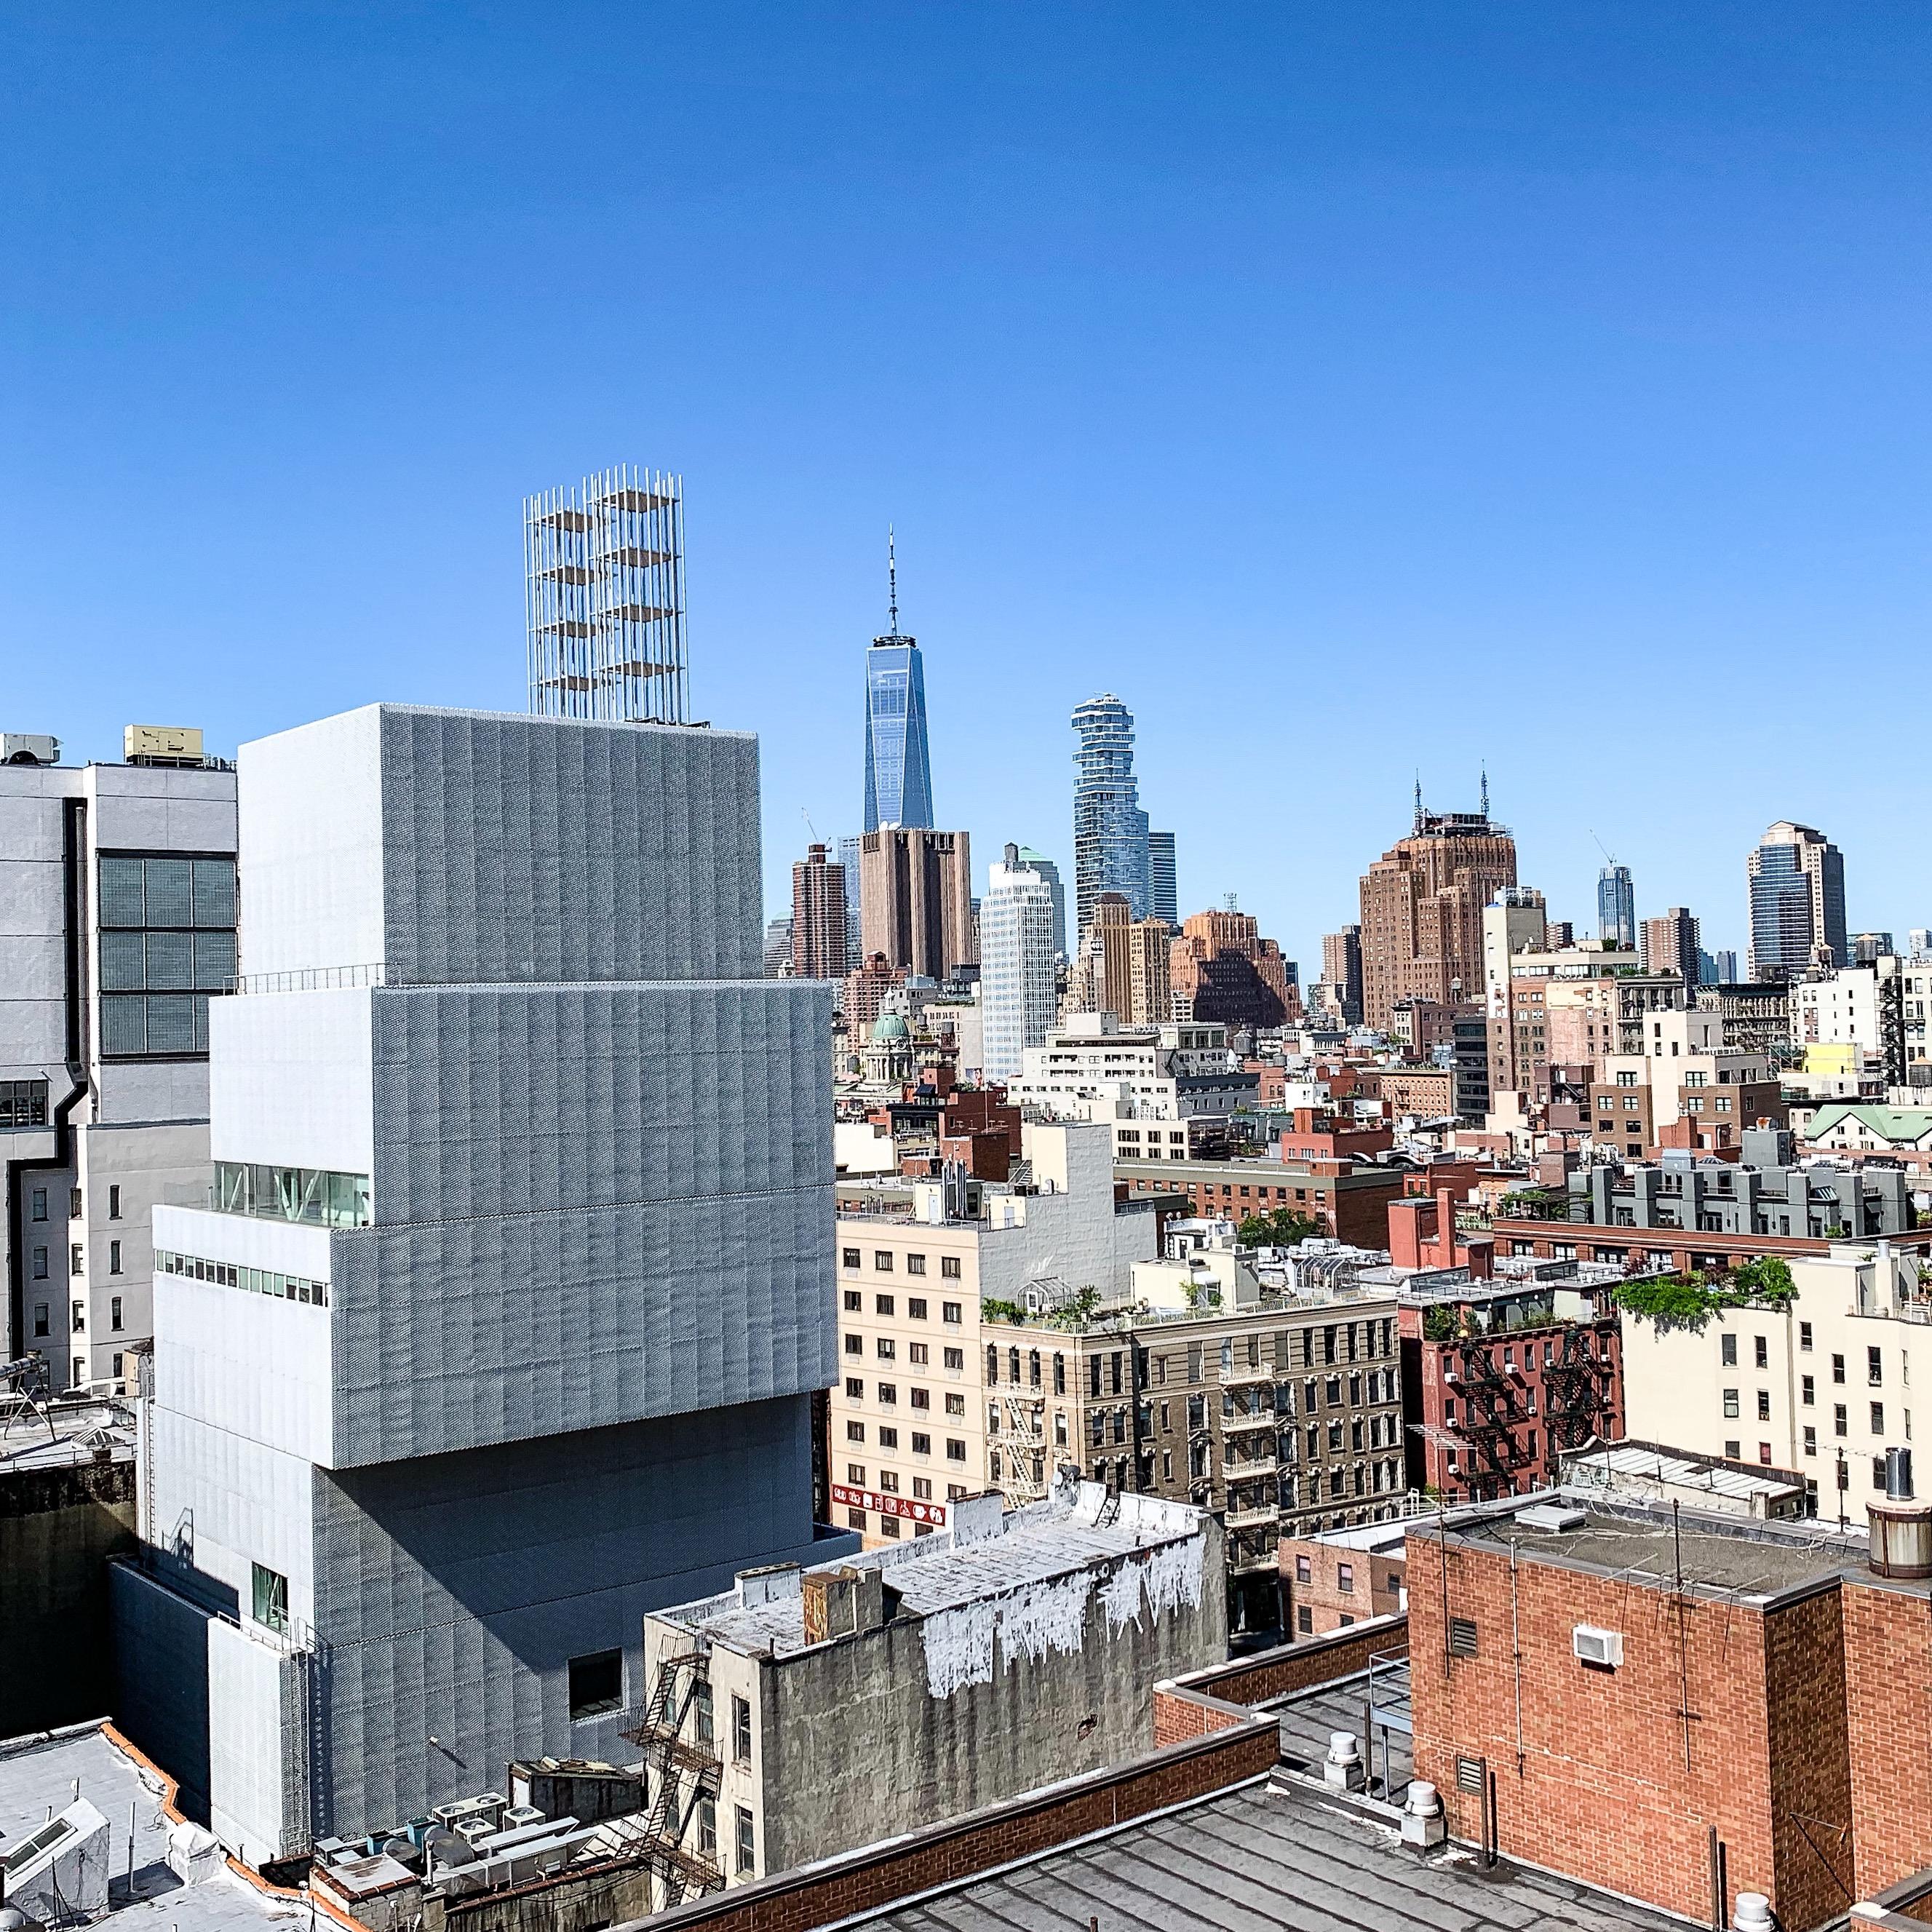 Architekturreise nach New York